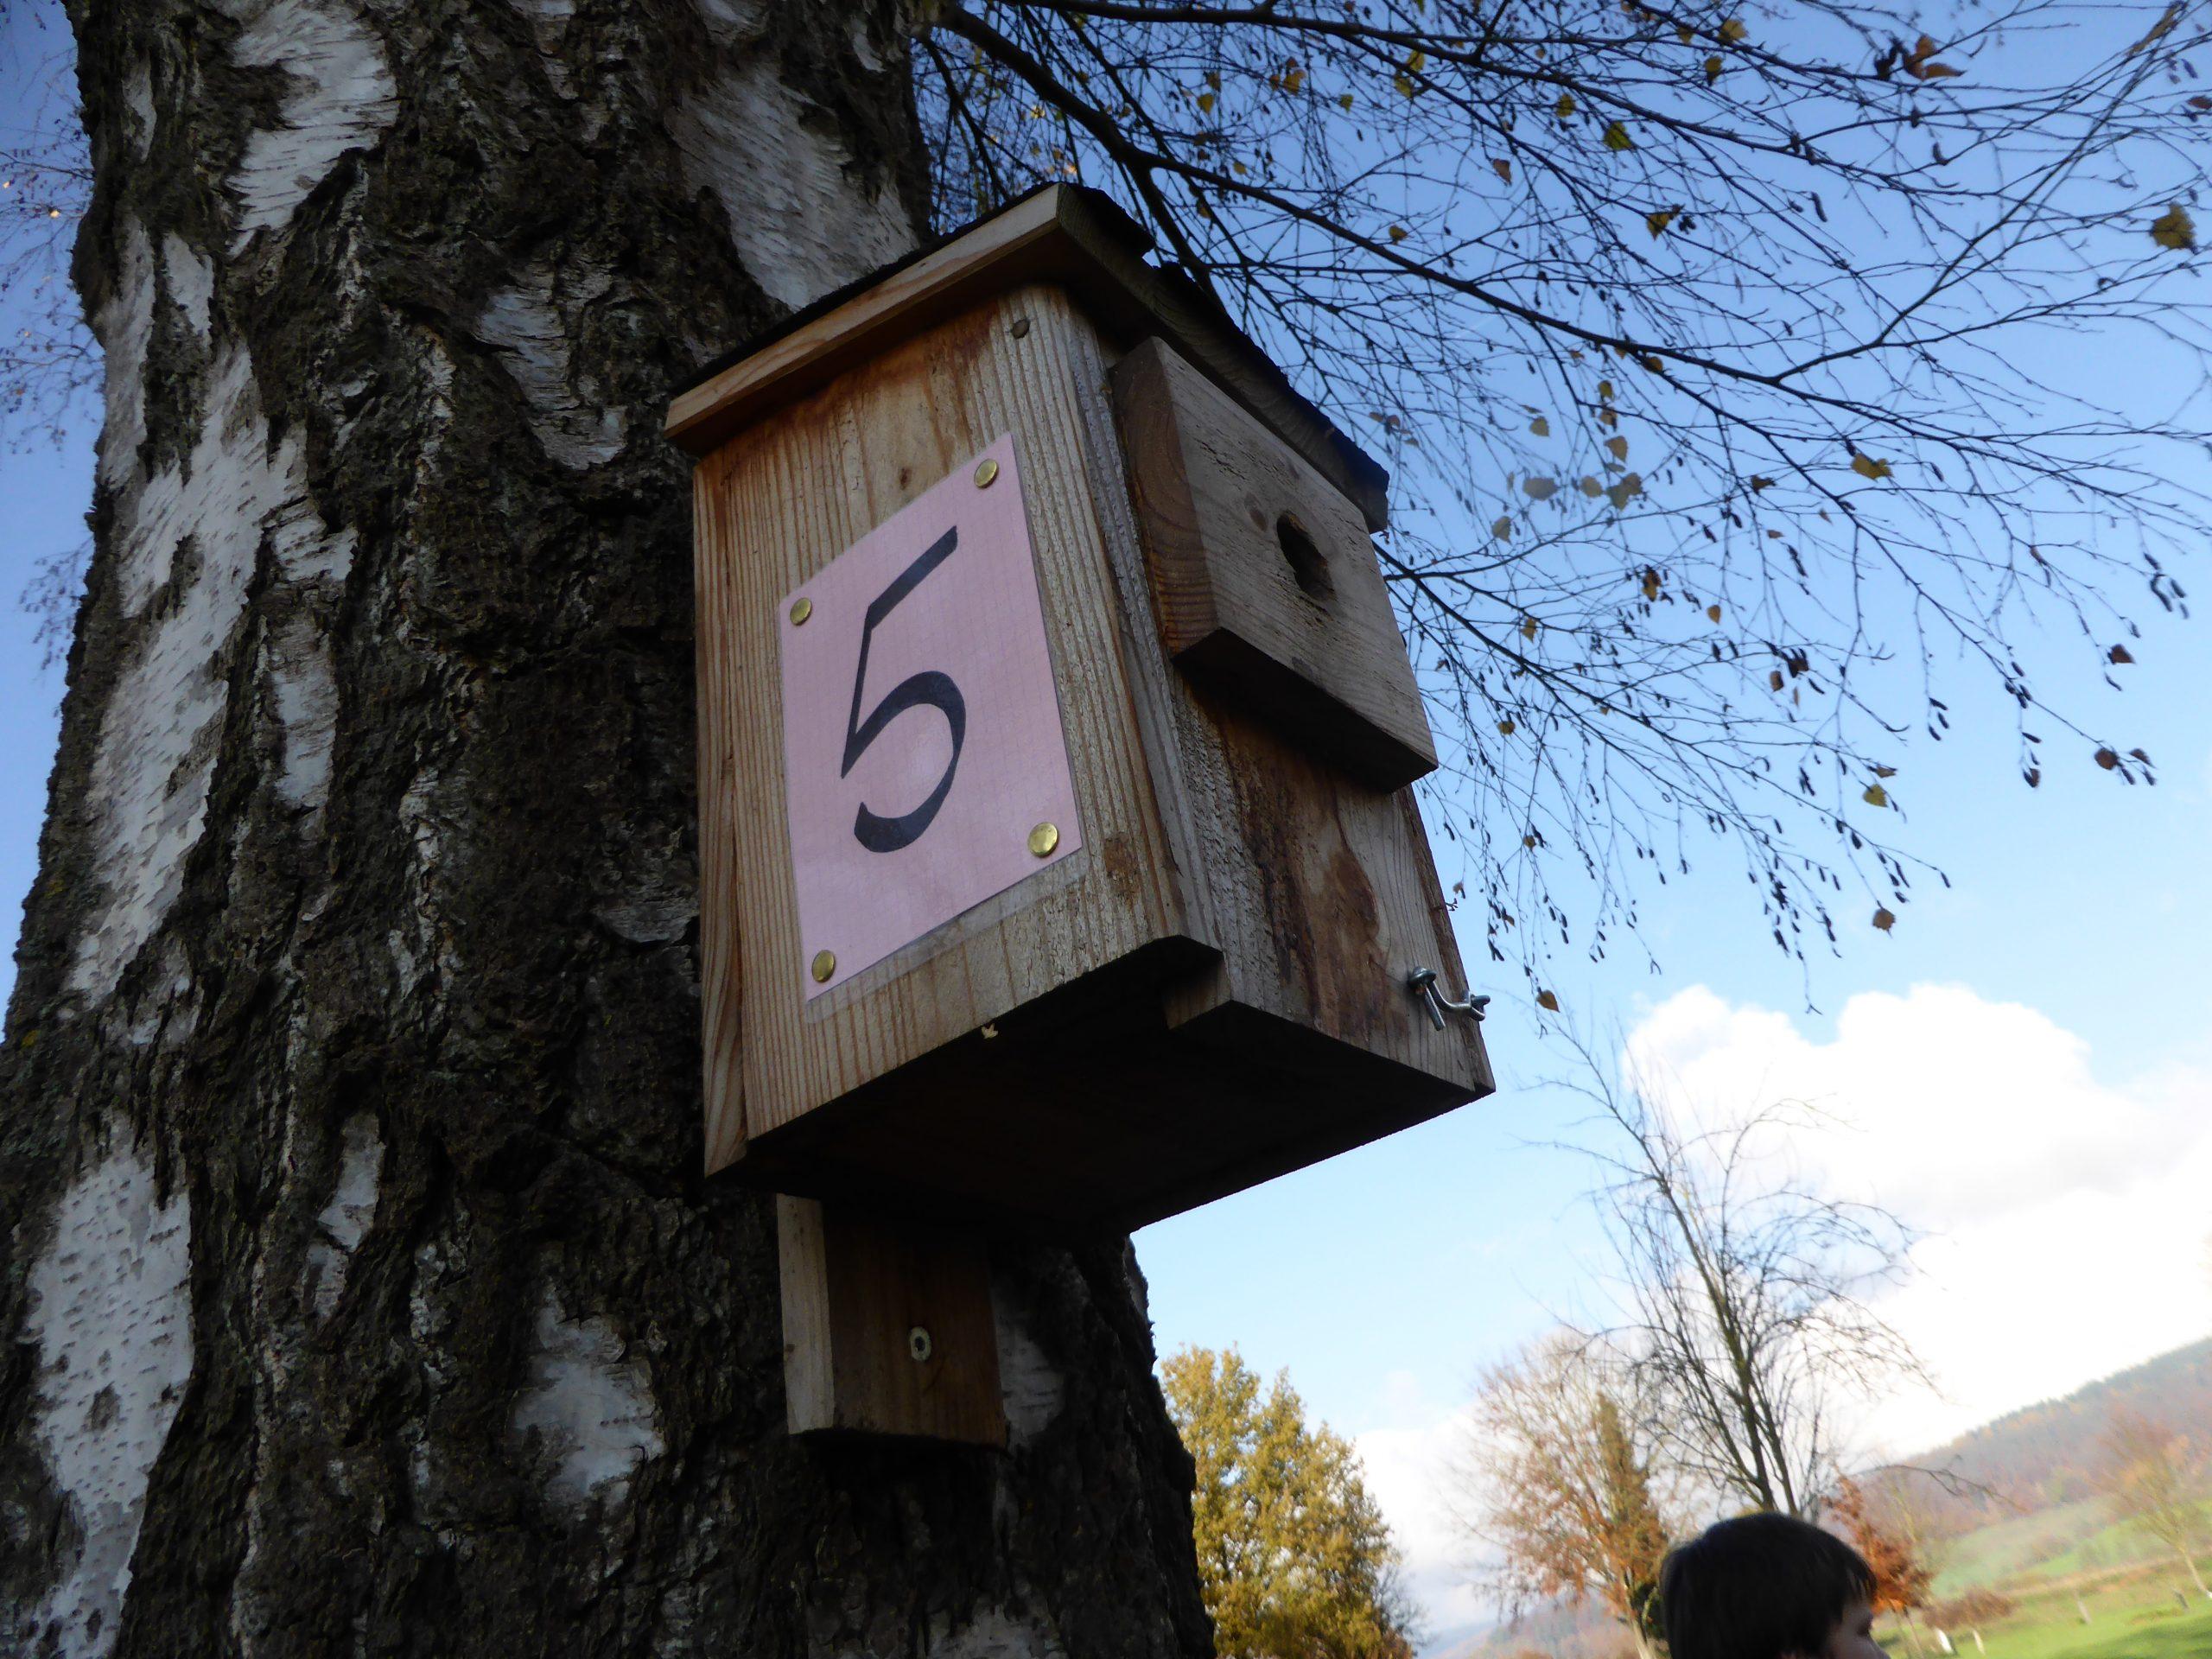 2019 die Vogelhäuschen werden nummeriert